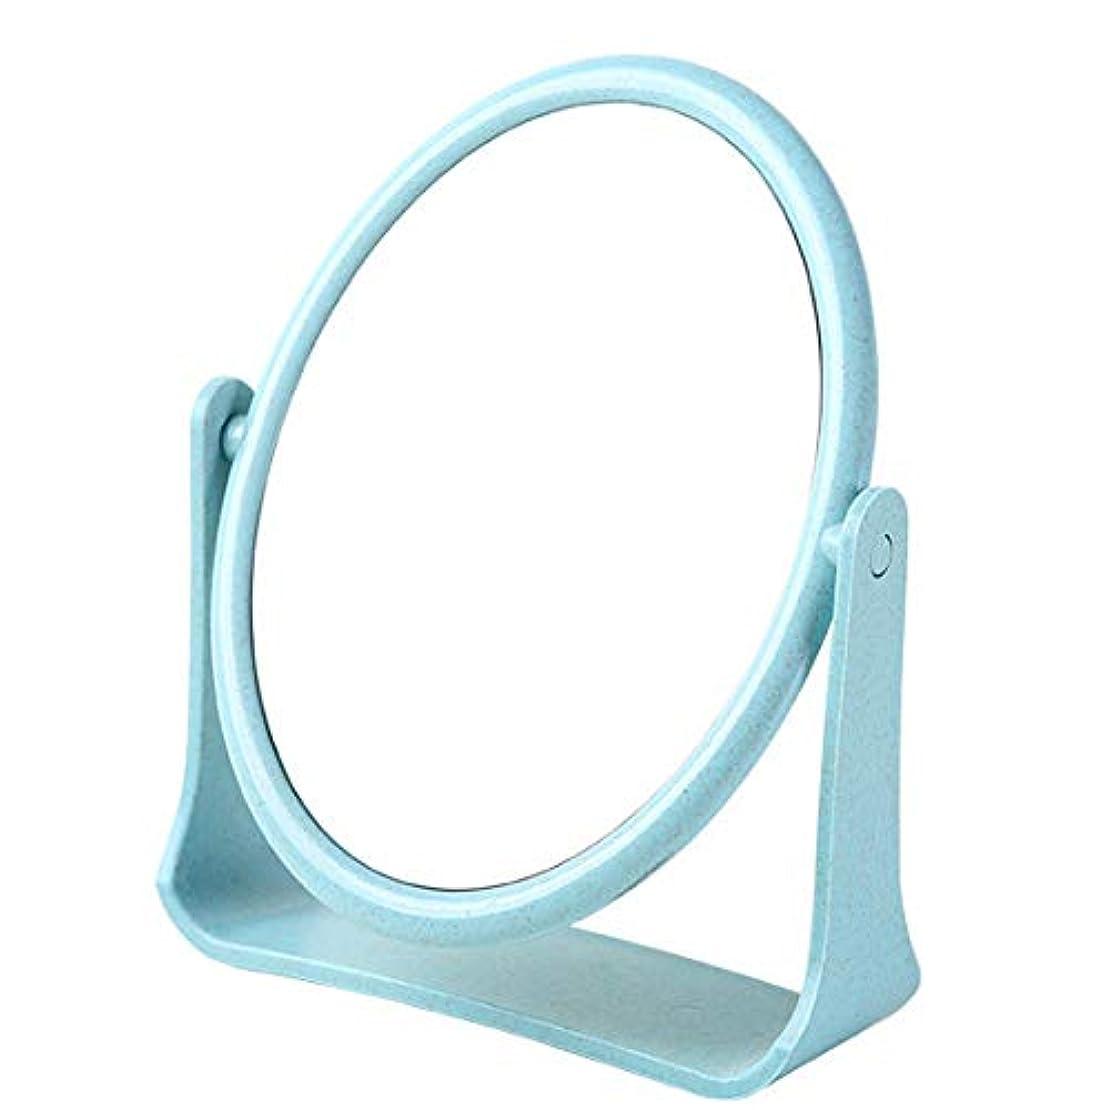 ビヨン子音戦う化粧鏡 360度回転 スタンドミラー メイク両面鏡 ポータブル 多角度転換可能円形のカウンタートップ (ブルー)